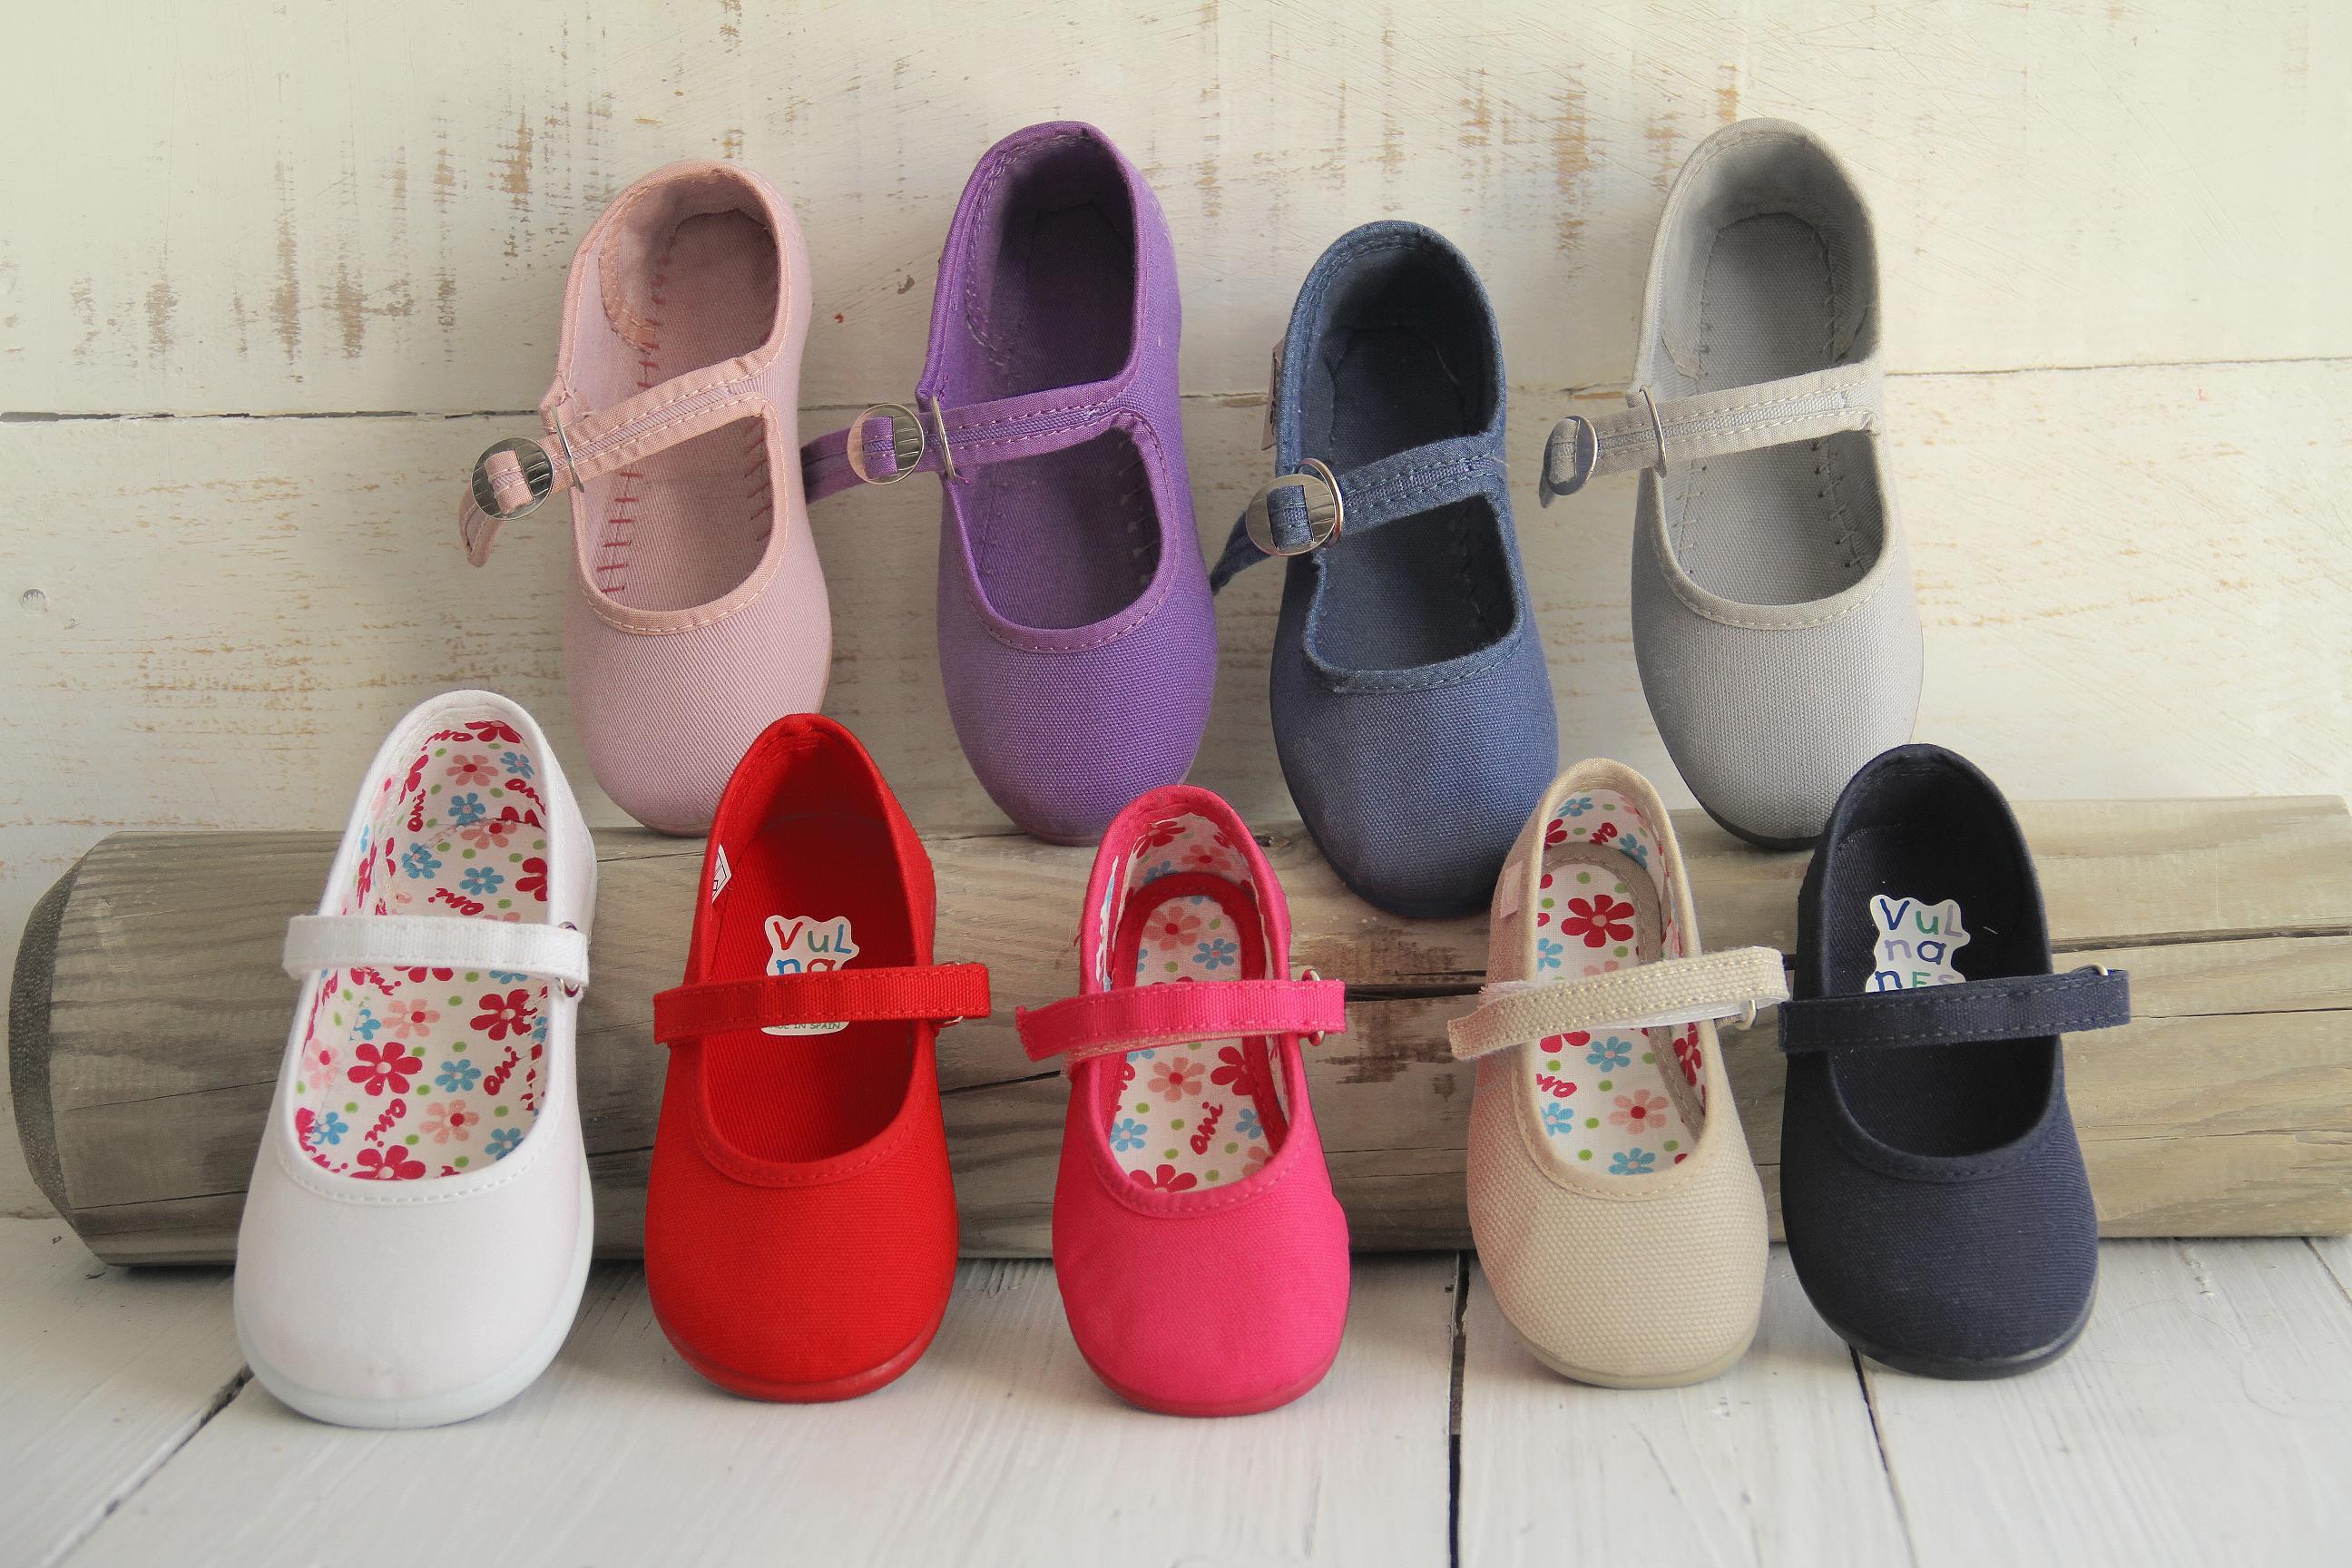 948bc0775 ... concepto de zapatería infantil que tenía un objetivo muy concreto   ofrecer zapatos para niños y niñas de calidad nacional pero un 30% más  baratos que ...